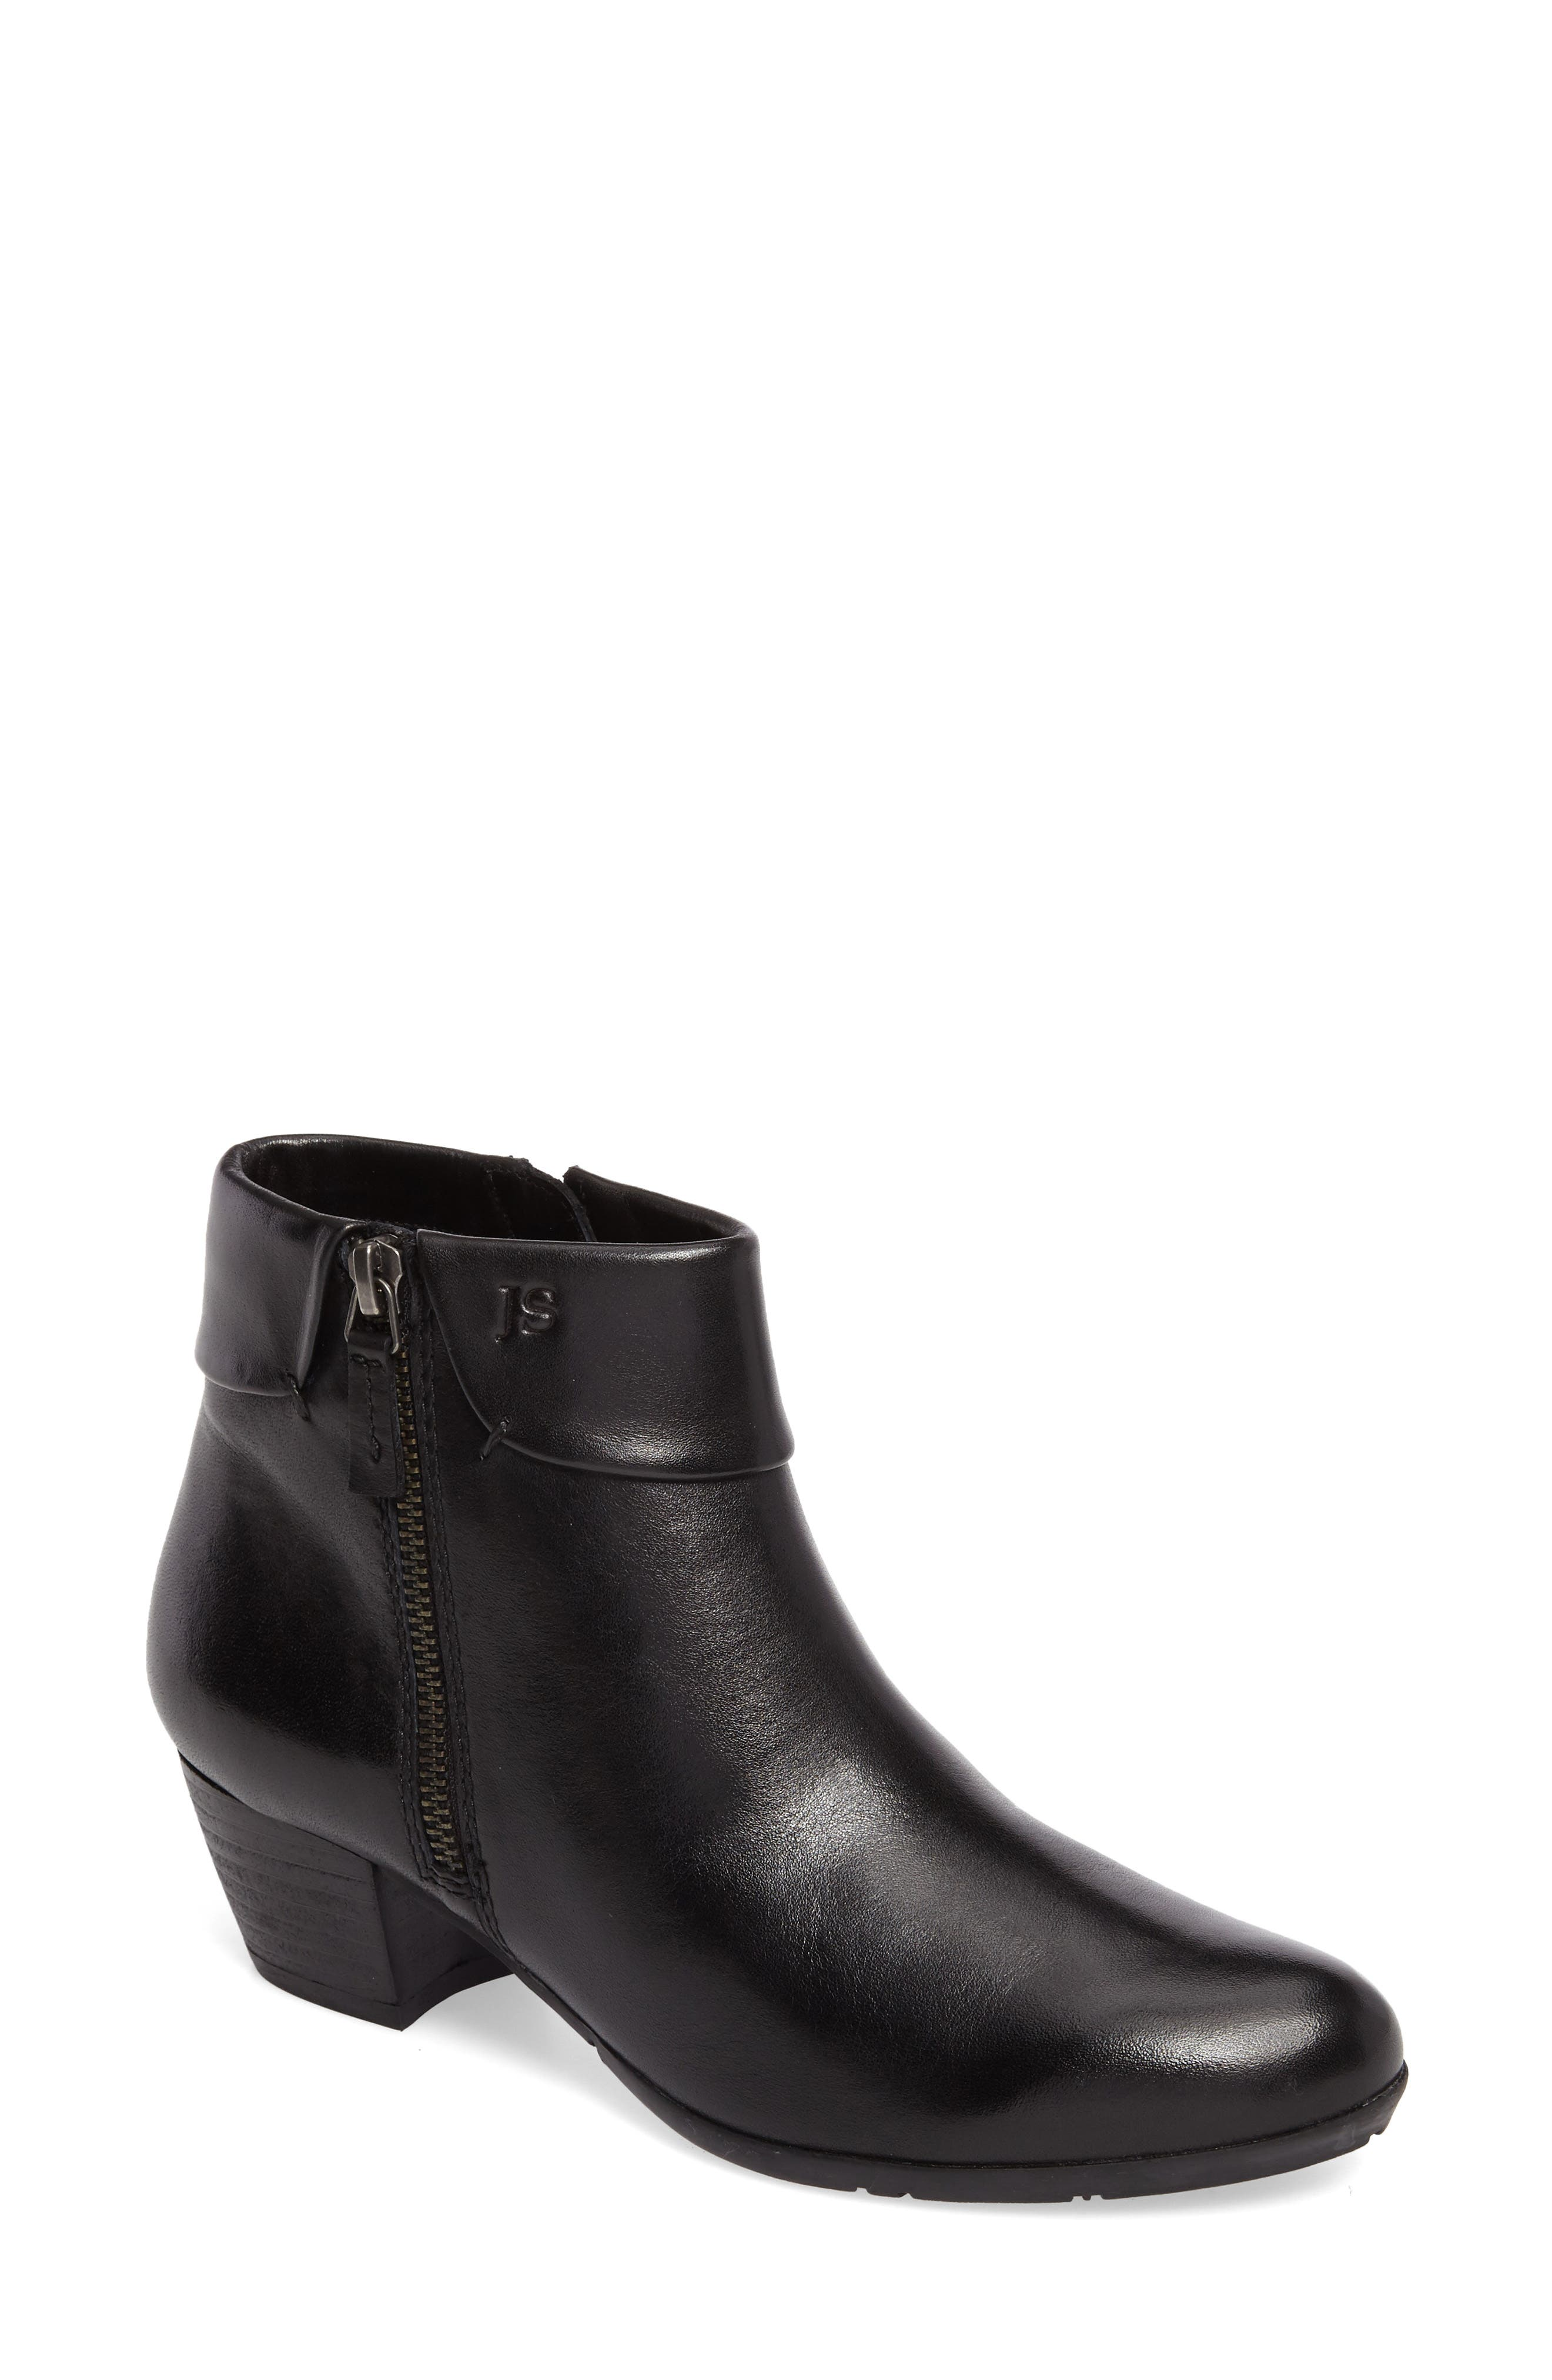 Sue 05 Bootie,                             Main thumbnail 1, color,                             Black Leather